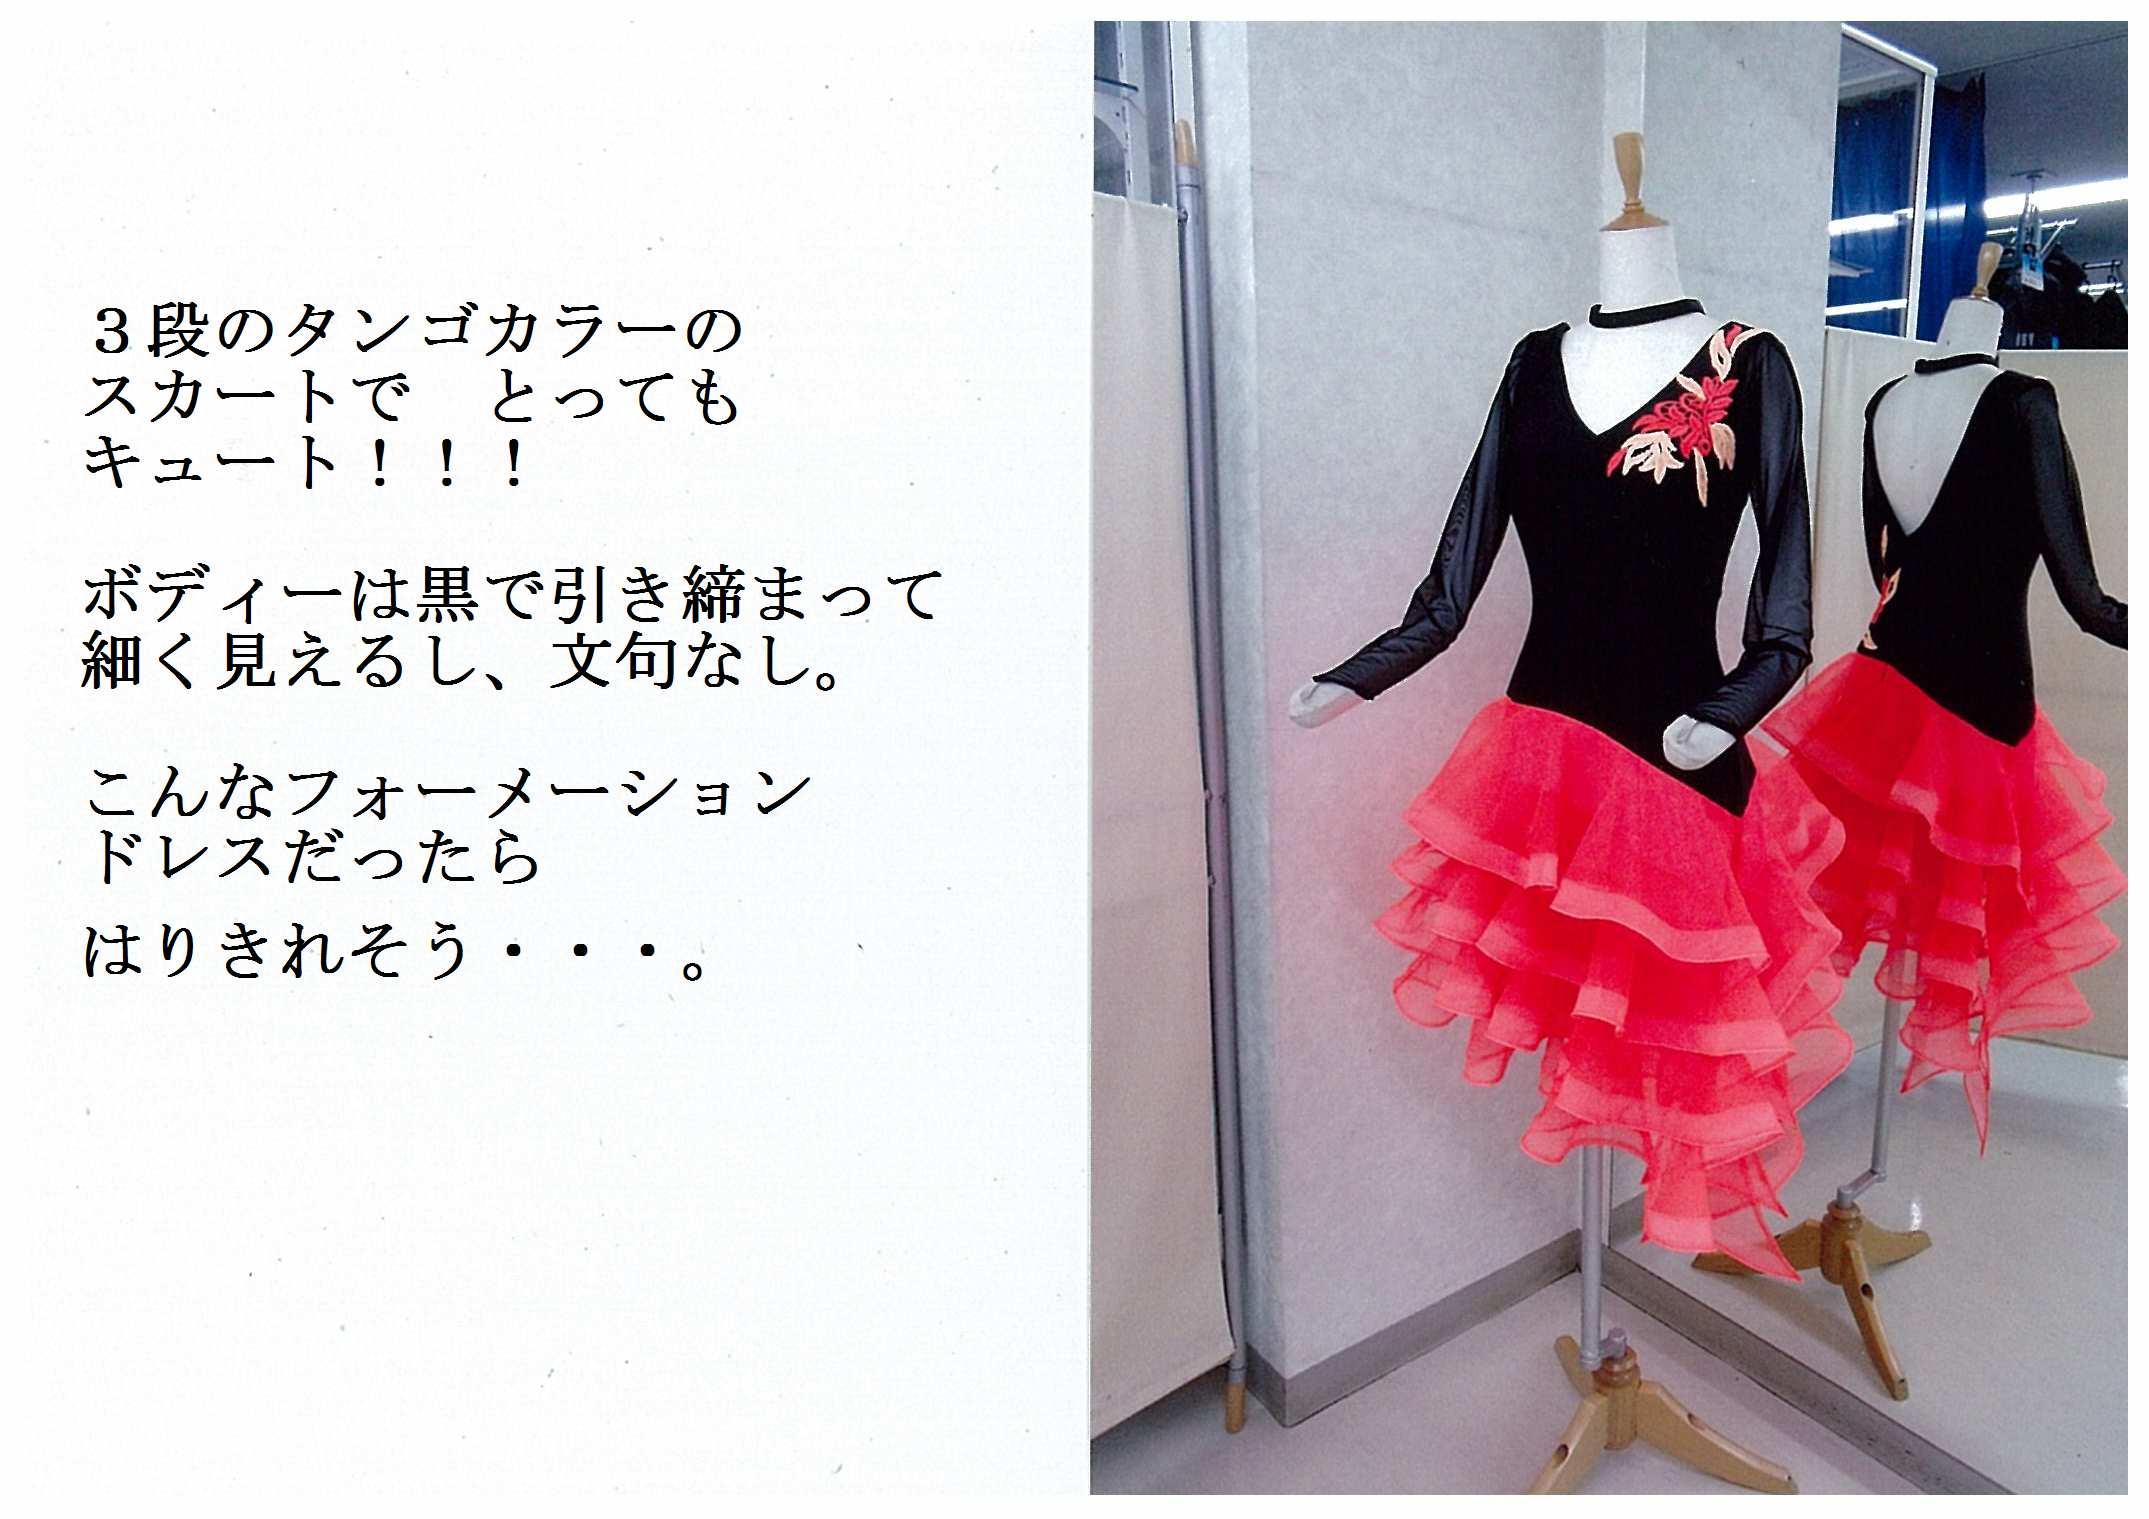 3段のタンゴカラーのスカートで とってもキュート!!! ボディーは黒で引き締まって細く見えるし 文句なし こんなフォーメーションドレスだったらはりきれそう・・・